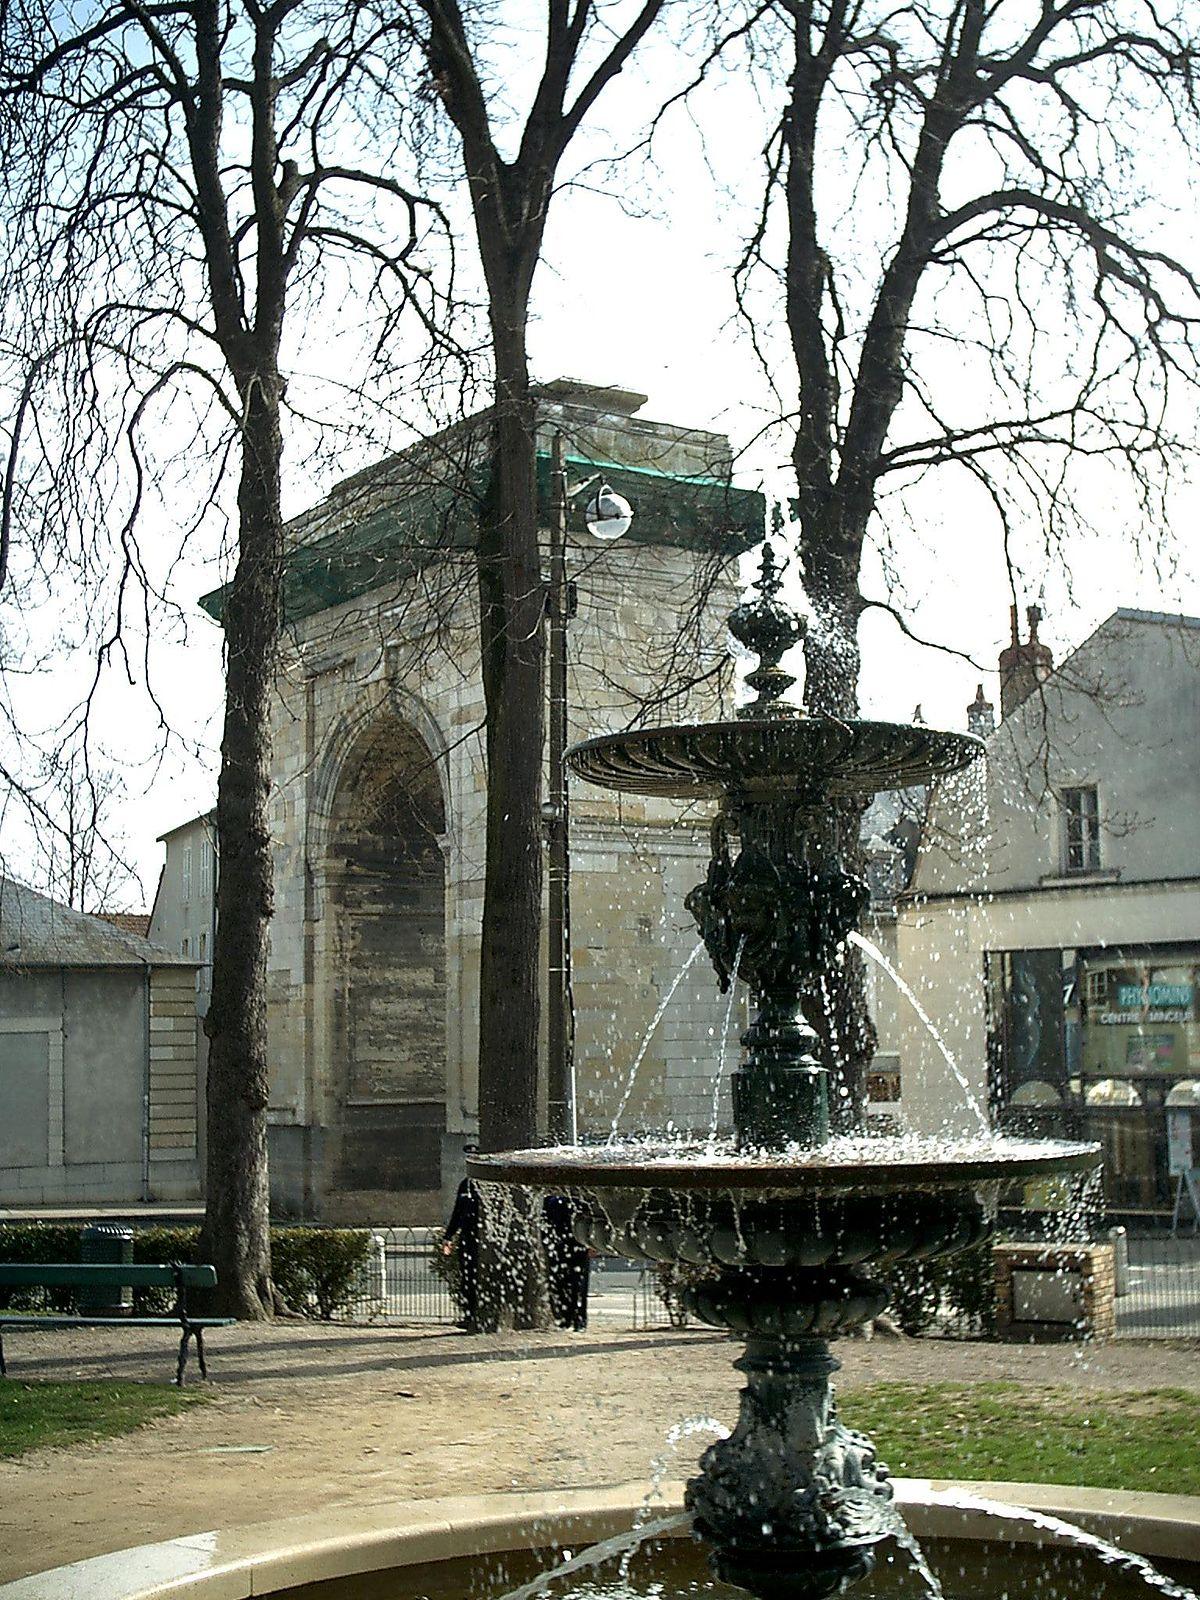 Nevers wikip dia a enciclop dia livre - Combien de portes a paris ...